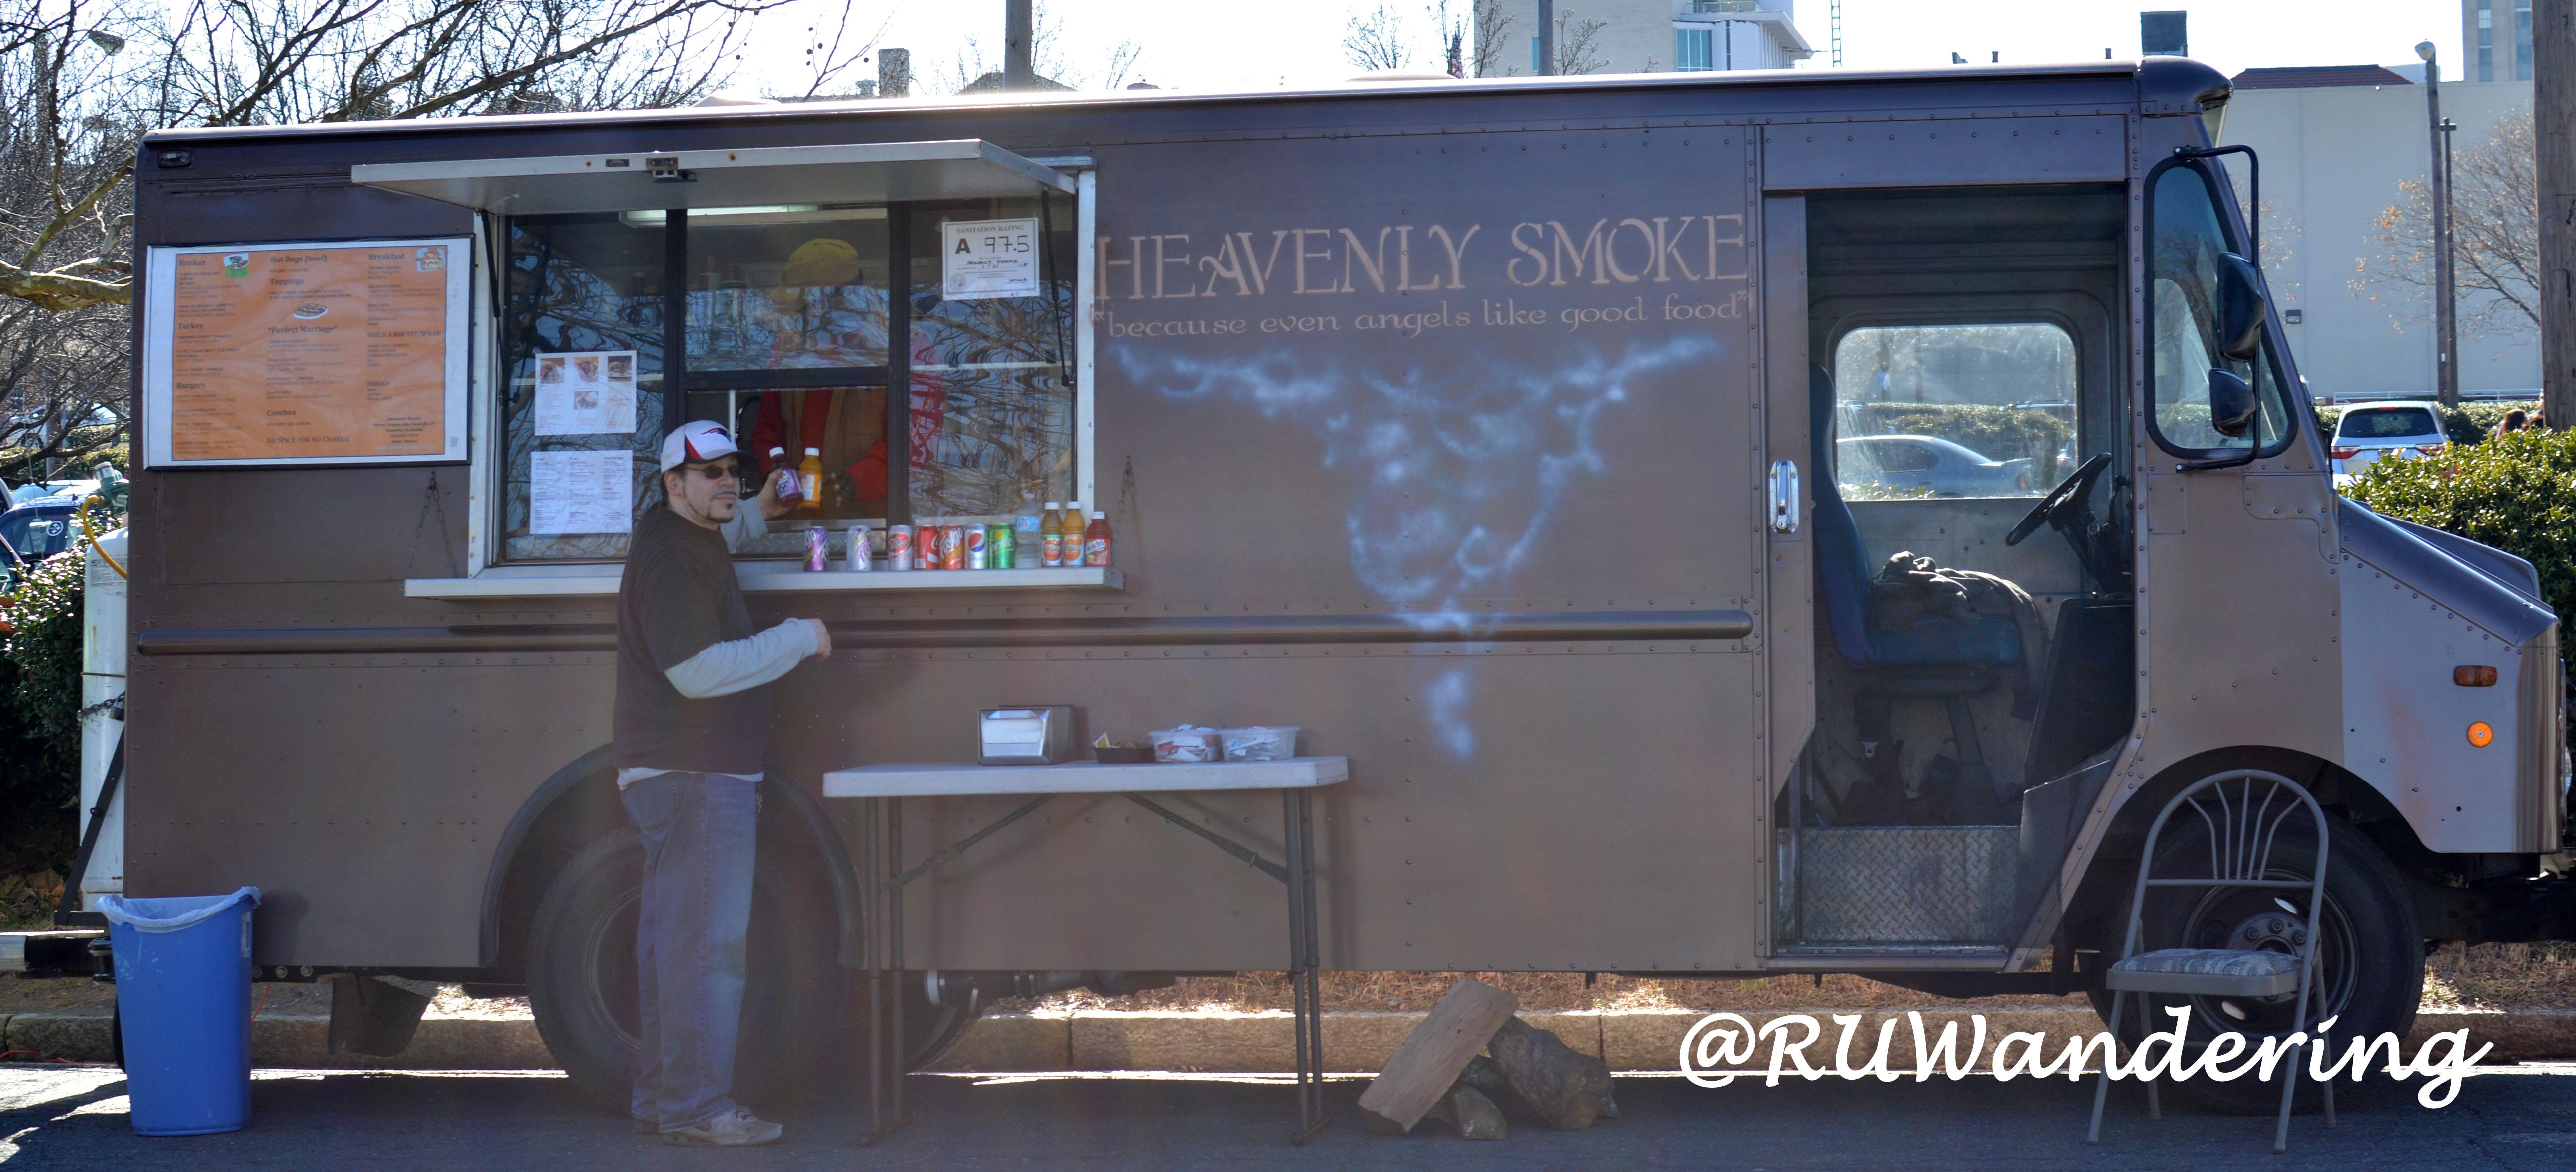 heavenly-smoke